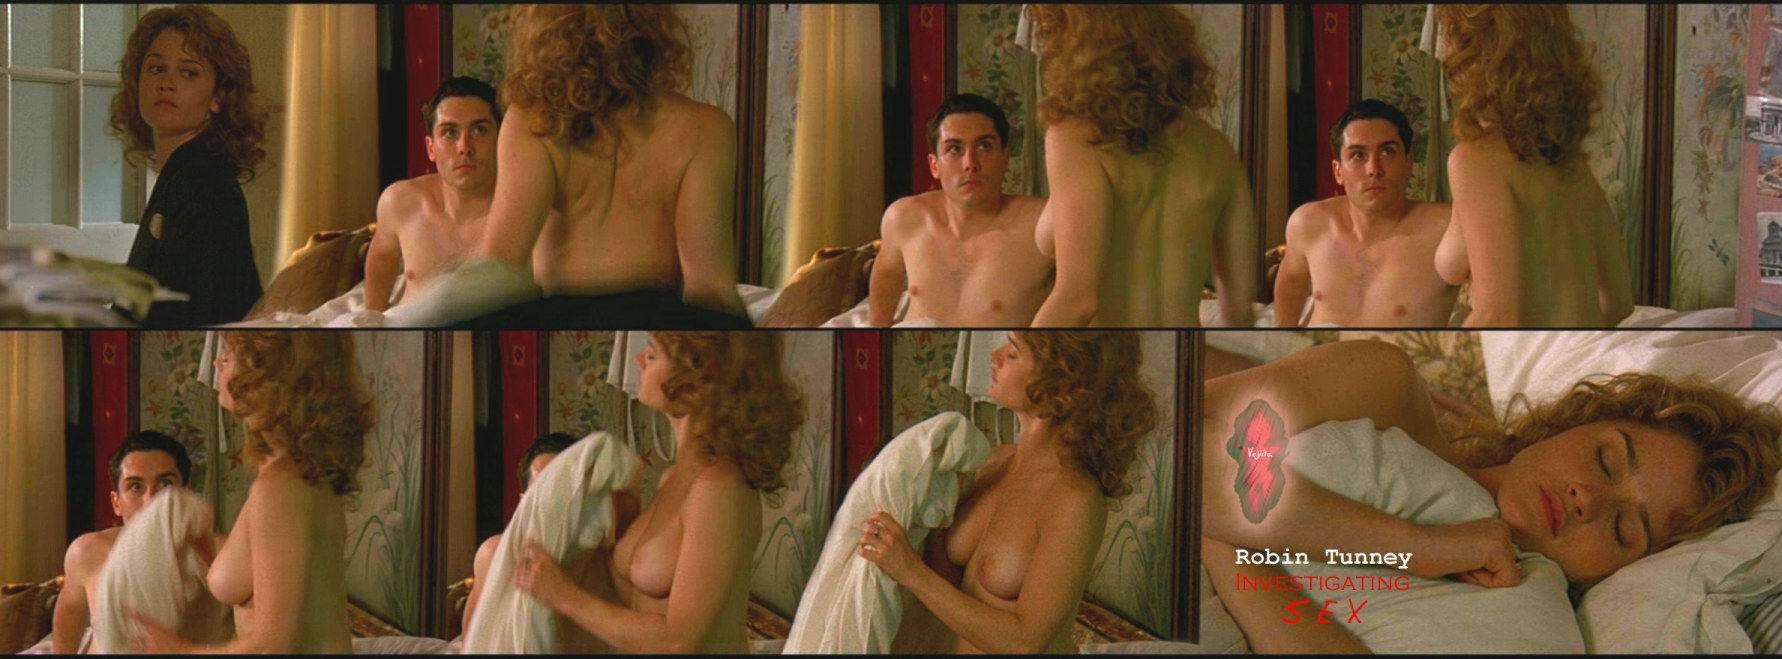 robin-tunney-nude-boobs-amateur-porn-sex-tube